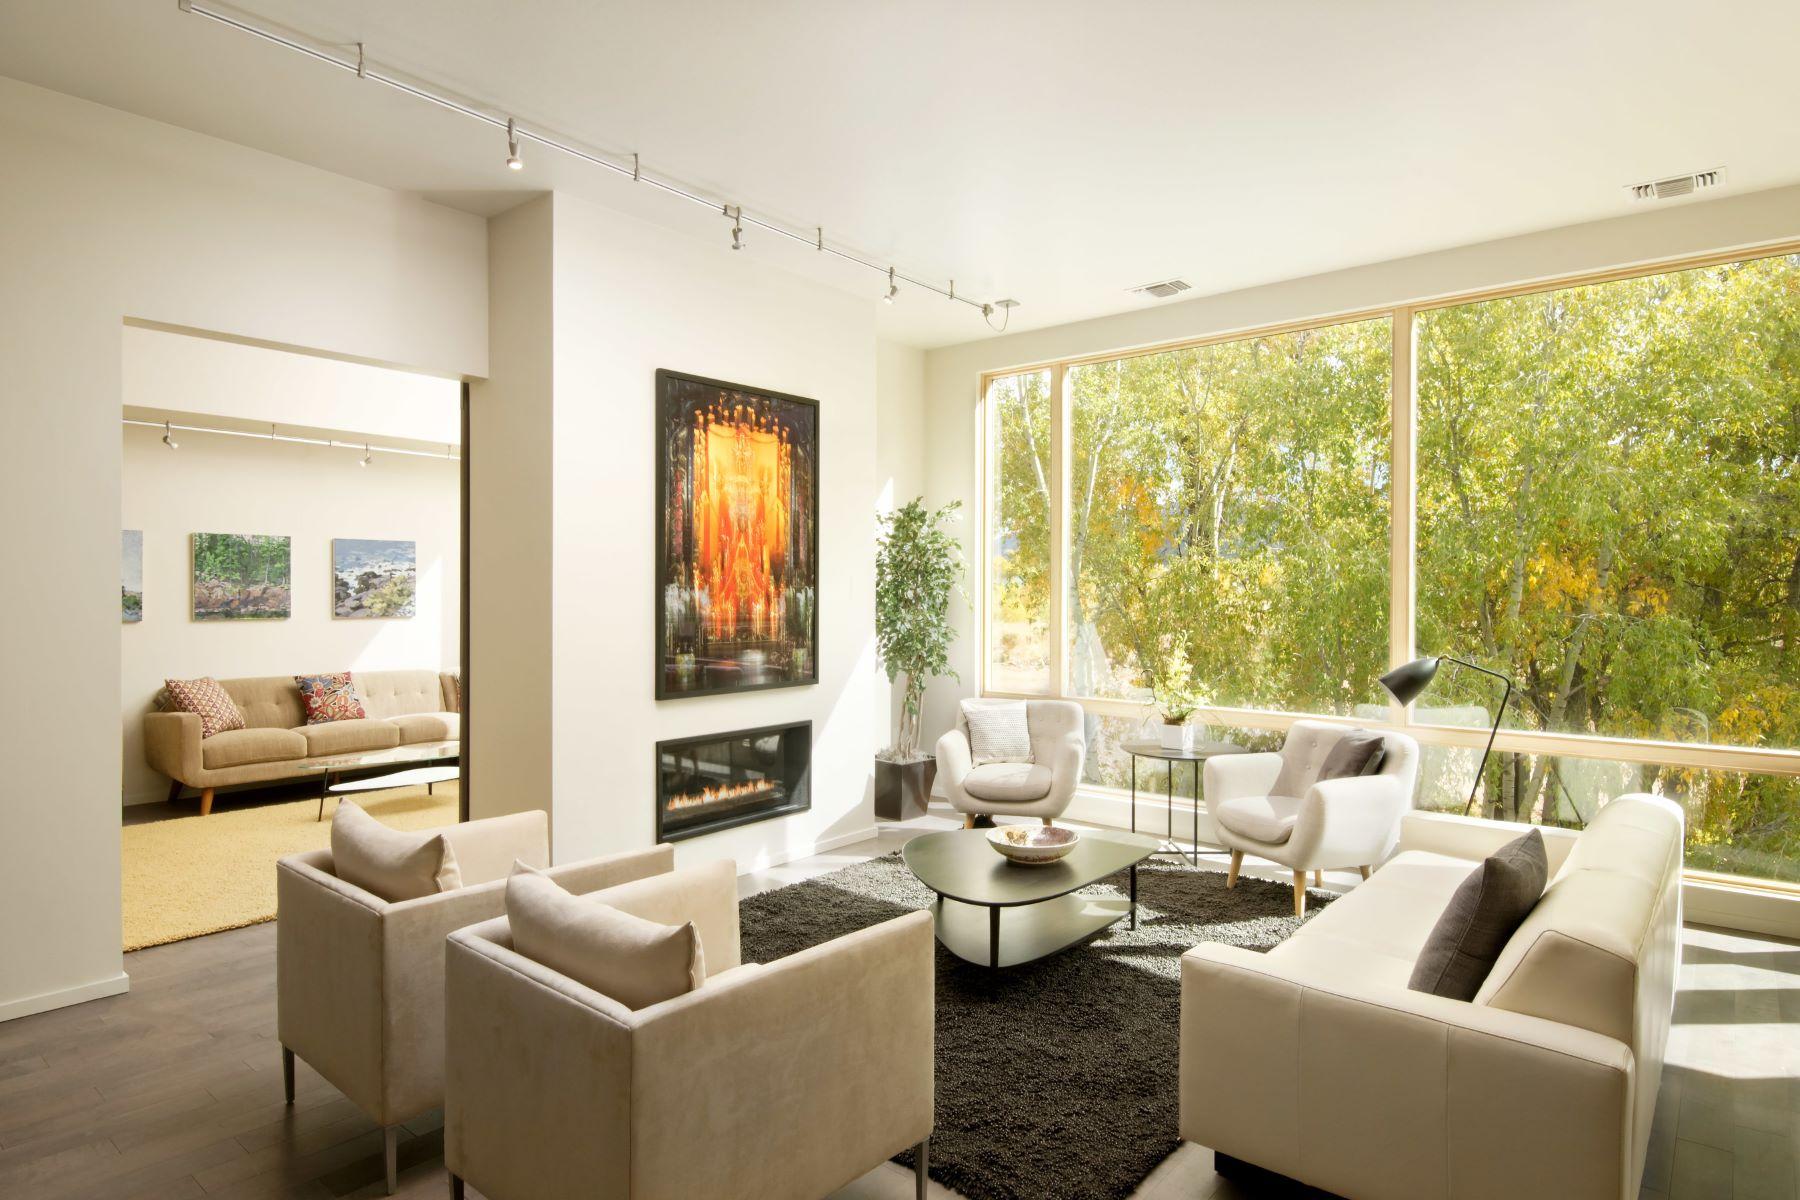 Condomínio para Venda às Park Modern in Willits 102 Evans Road, Unit 101, Basalt, Colorado, 81621 Estados Unidos